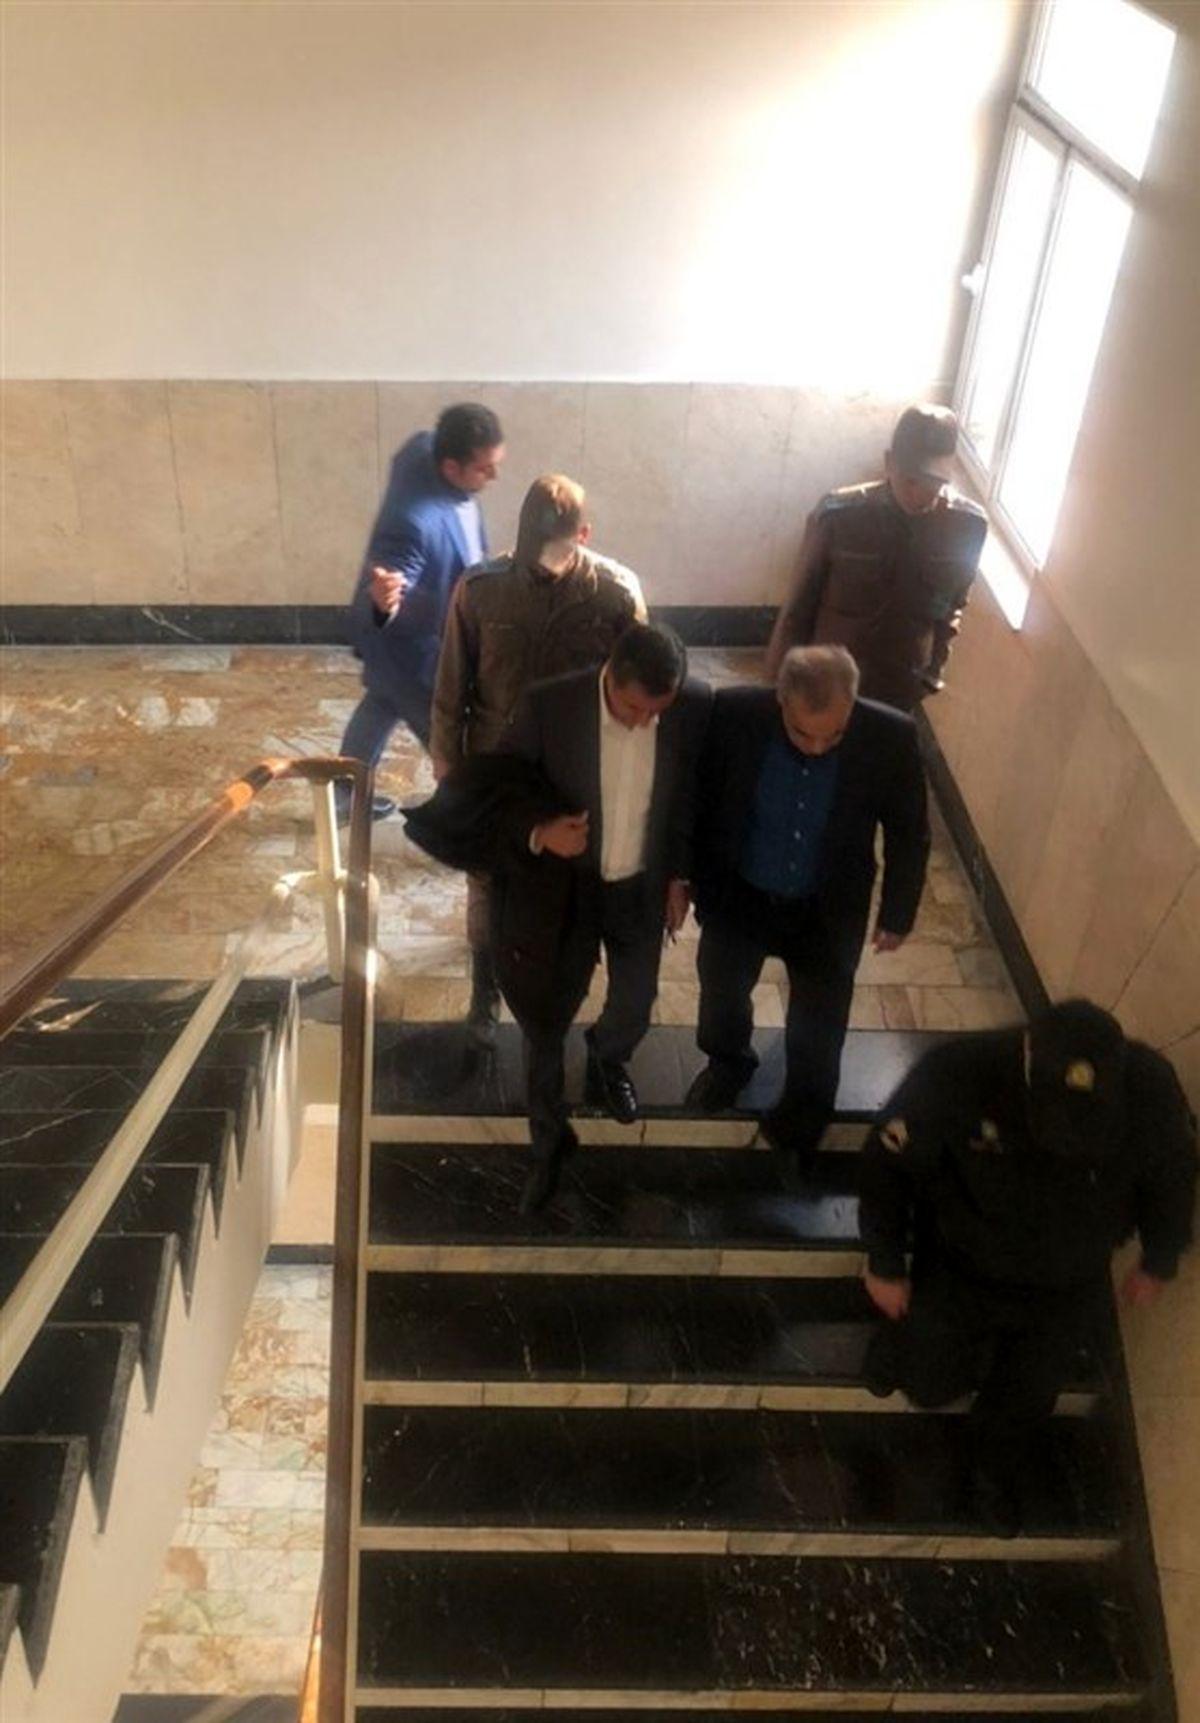 مدیرعامل سابق بانک ملت با حکم قاضی بازداشت شد